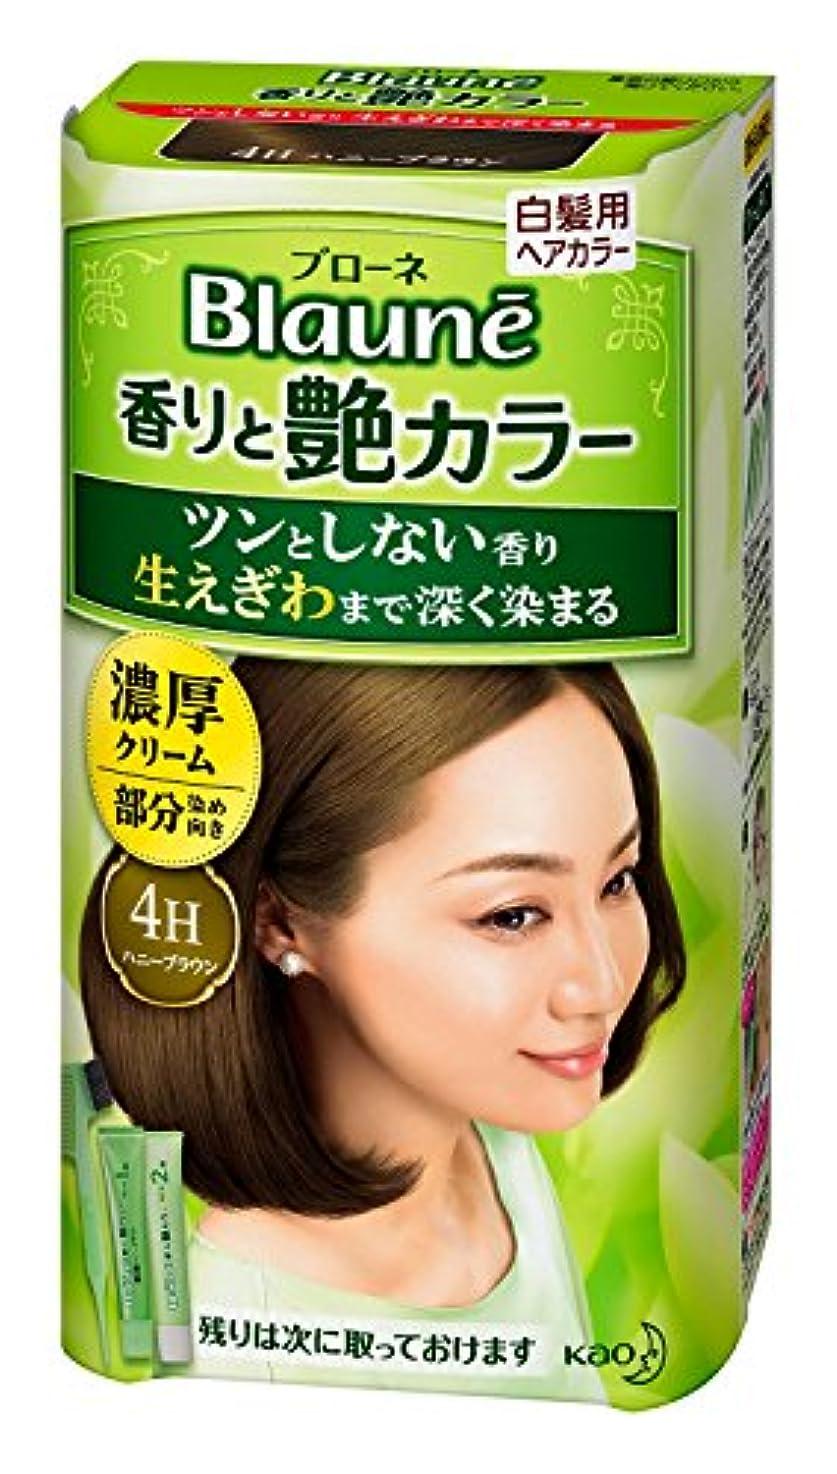 剛性緊張する確認【花王】ブローネ 香りと艶カラー クリーム 4H:ハニーブラウン 80g ×20個セット